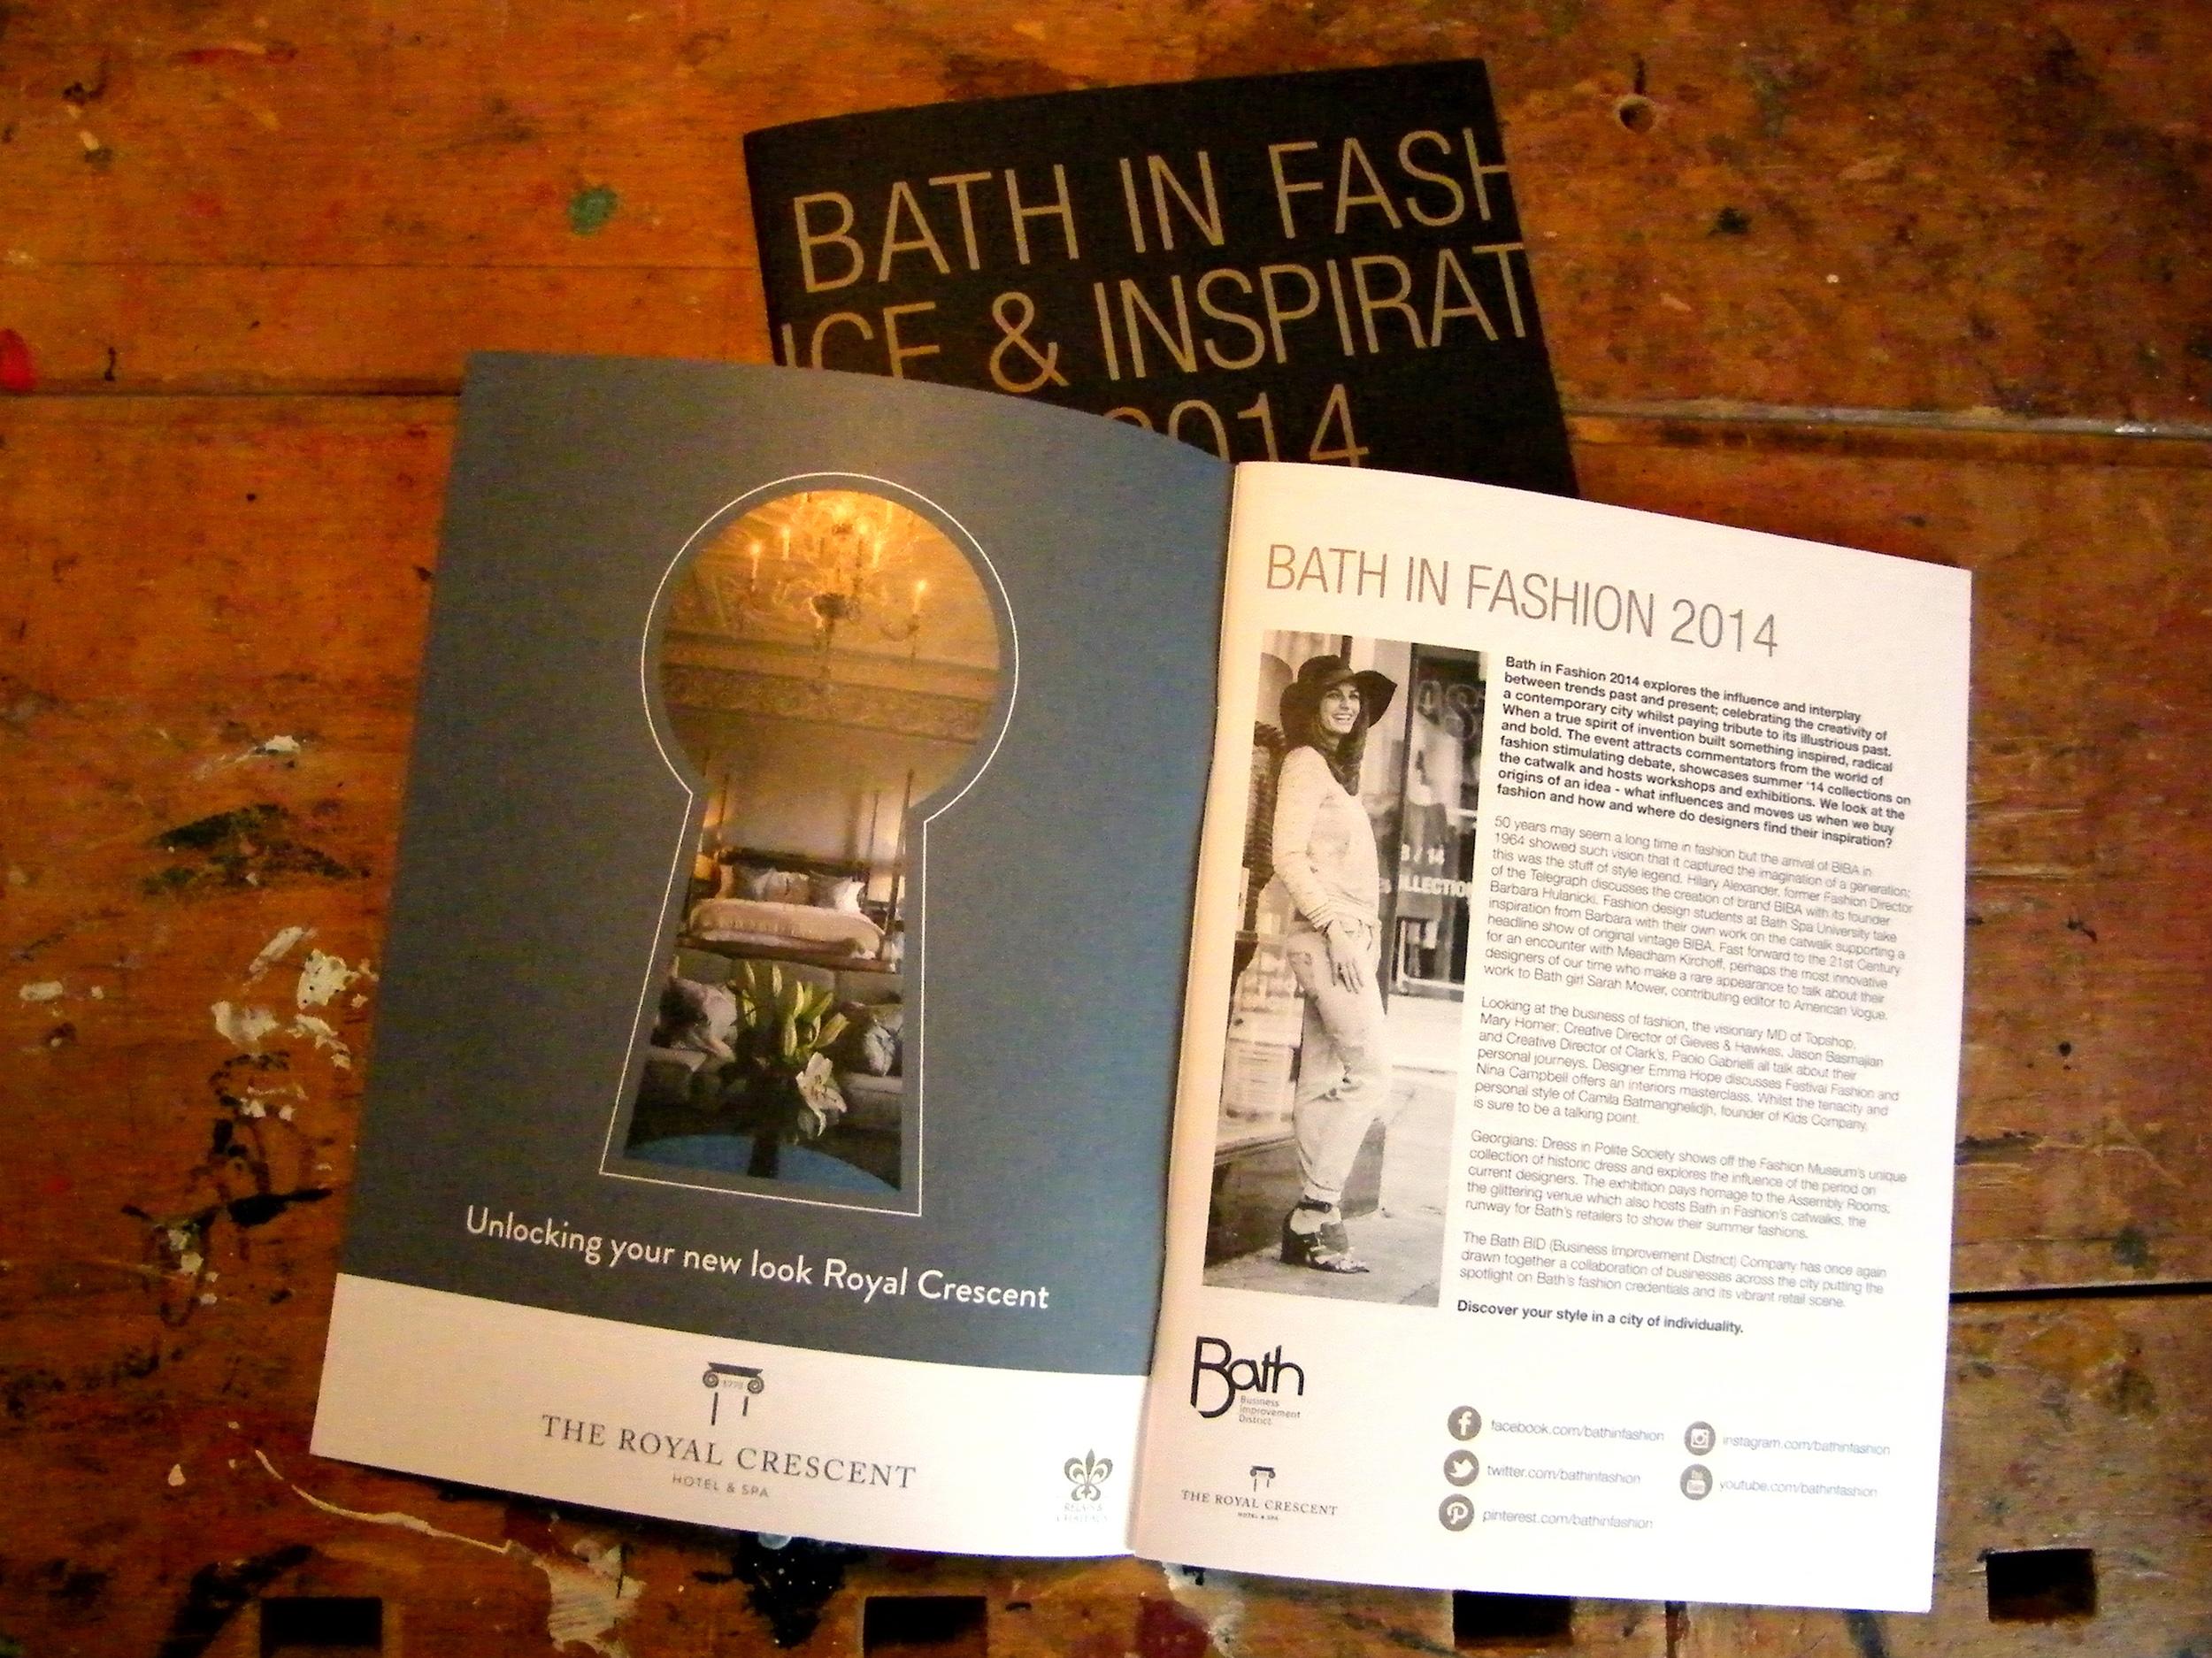 Bath in Fashion 2014